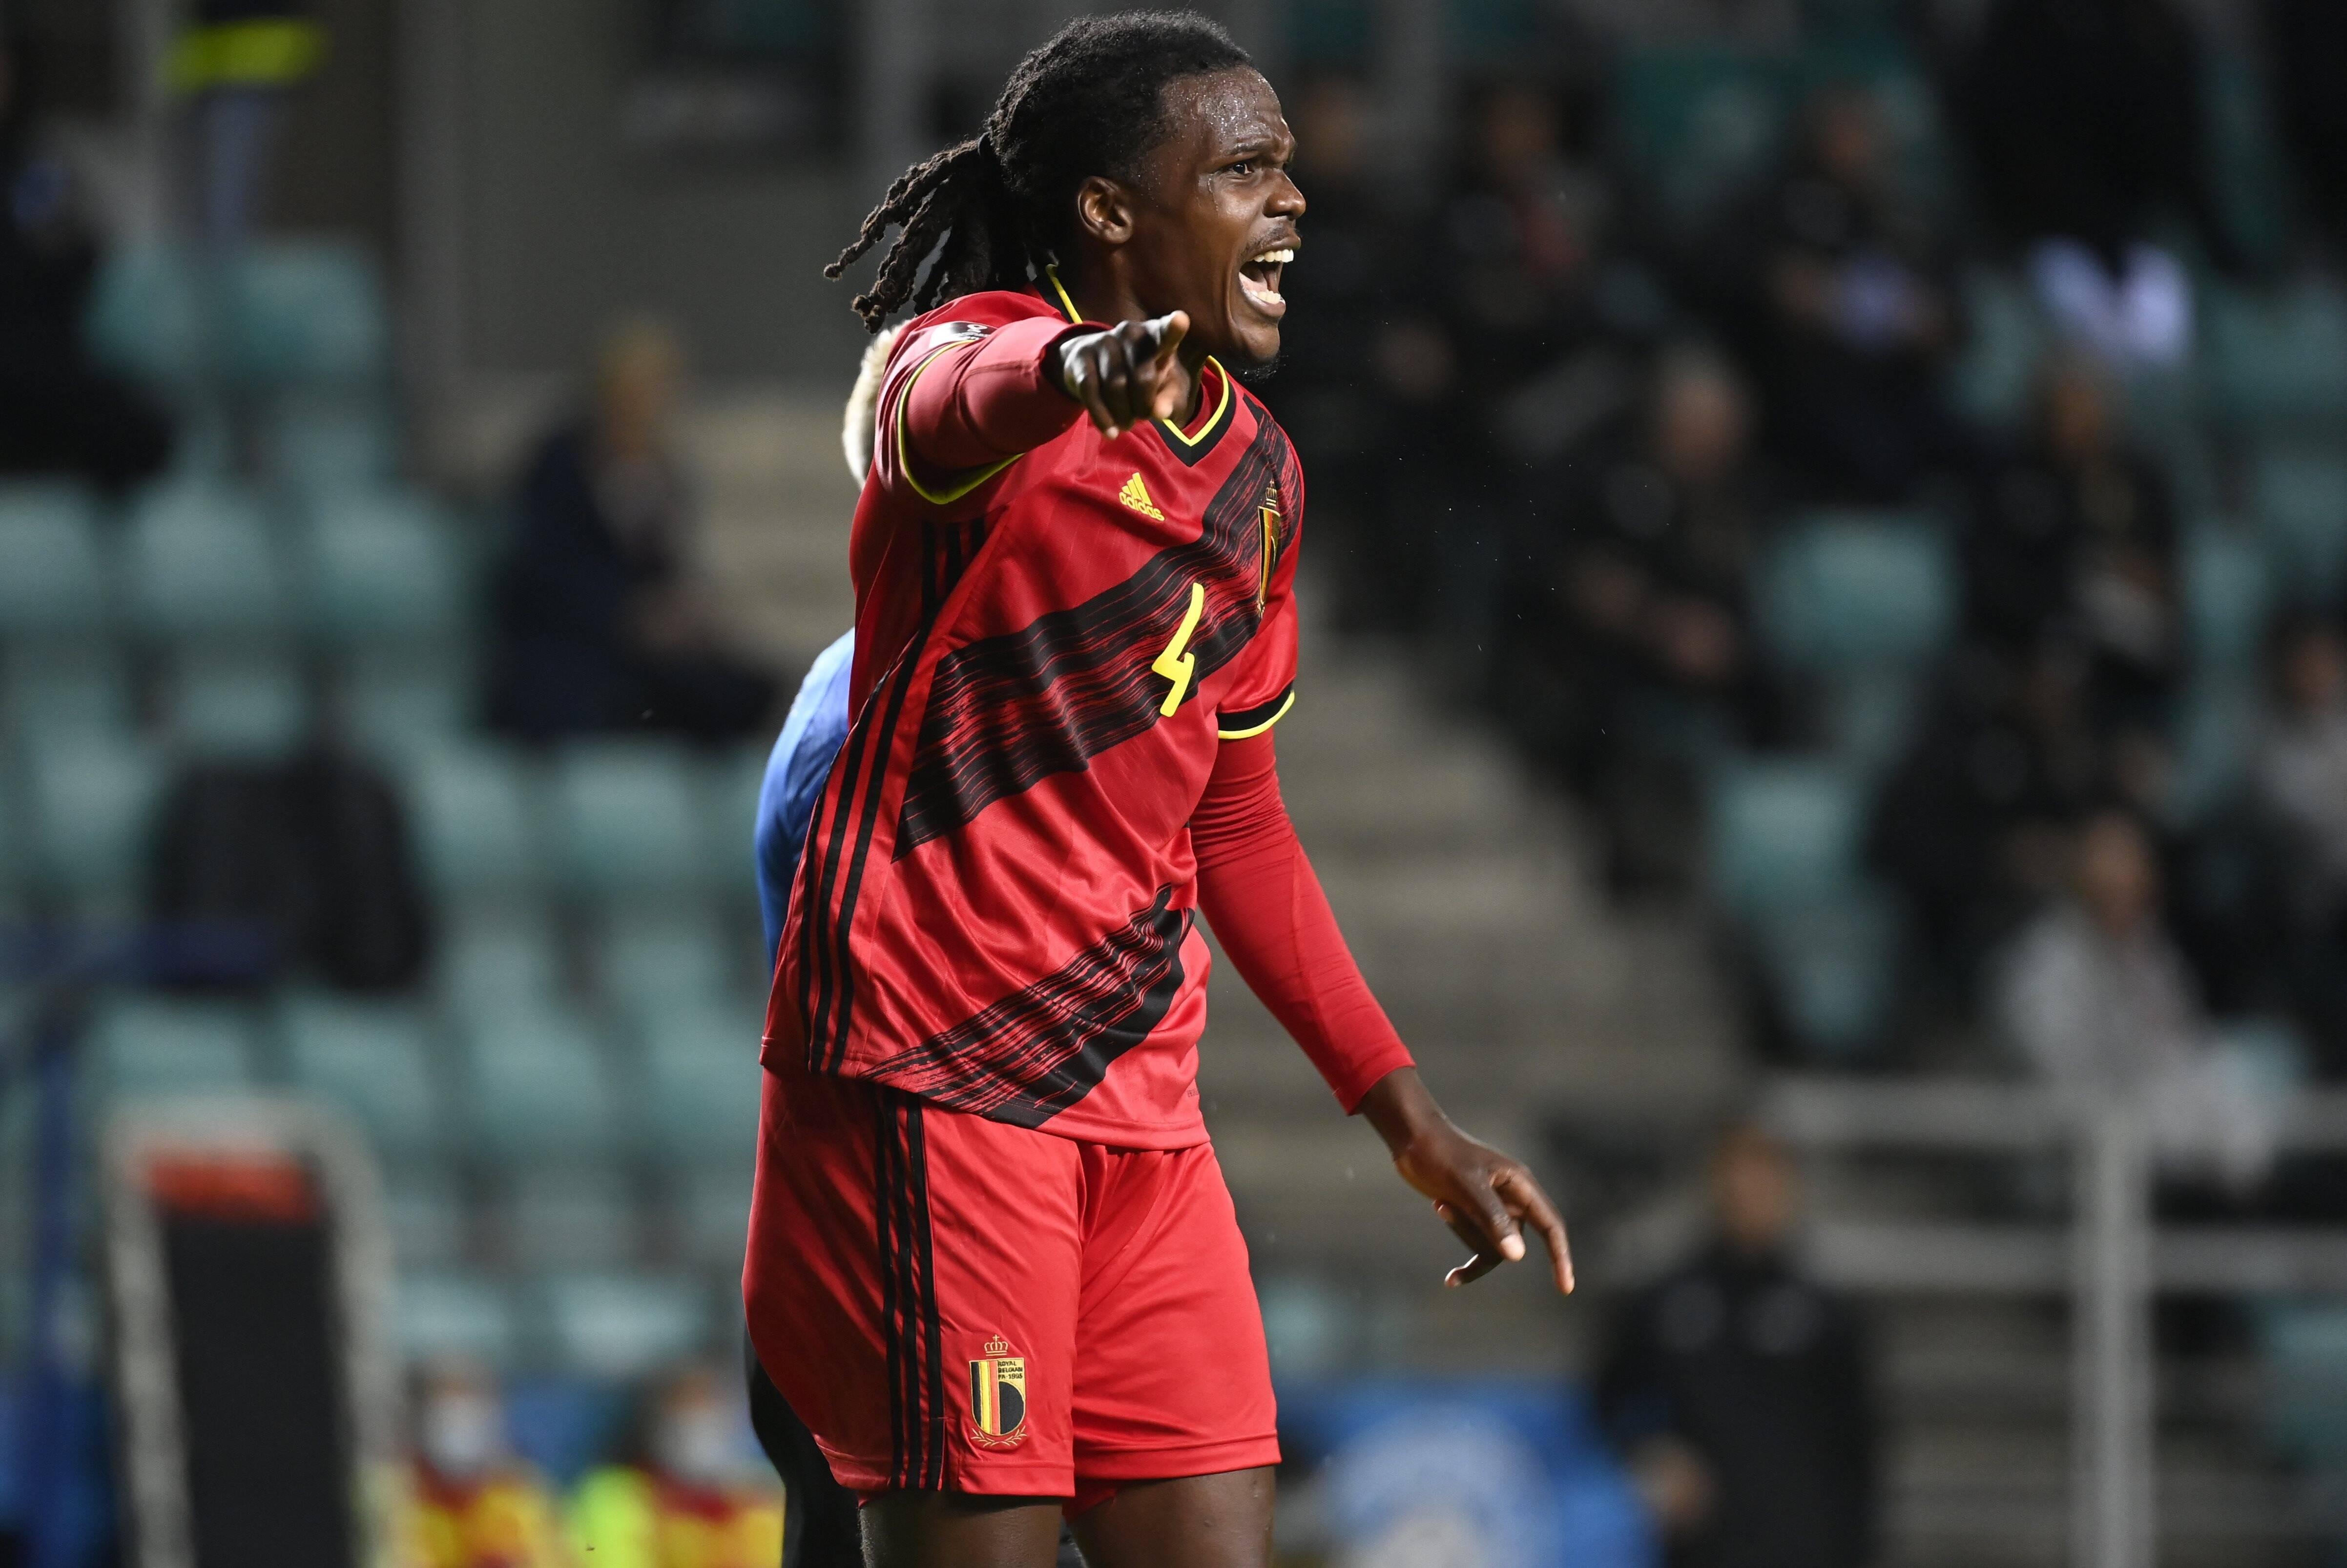 Dedryck Boyata gibt auch bei der belgischen Nationalmannschaft Kommandos an seine Mitspieler.